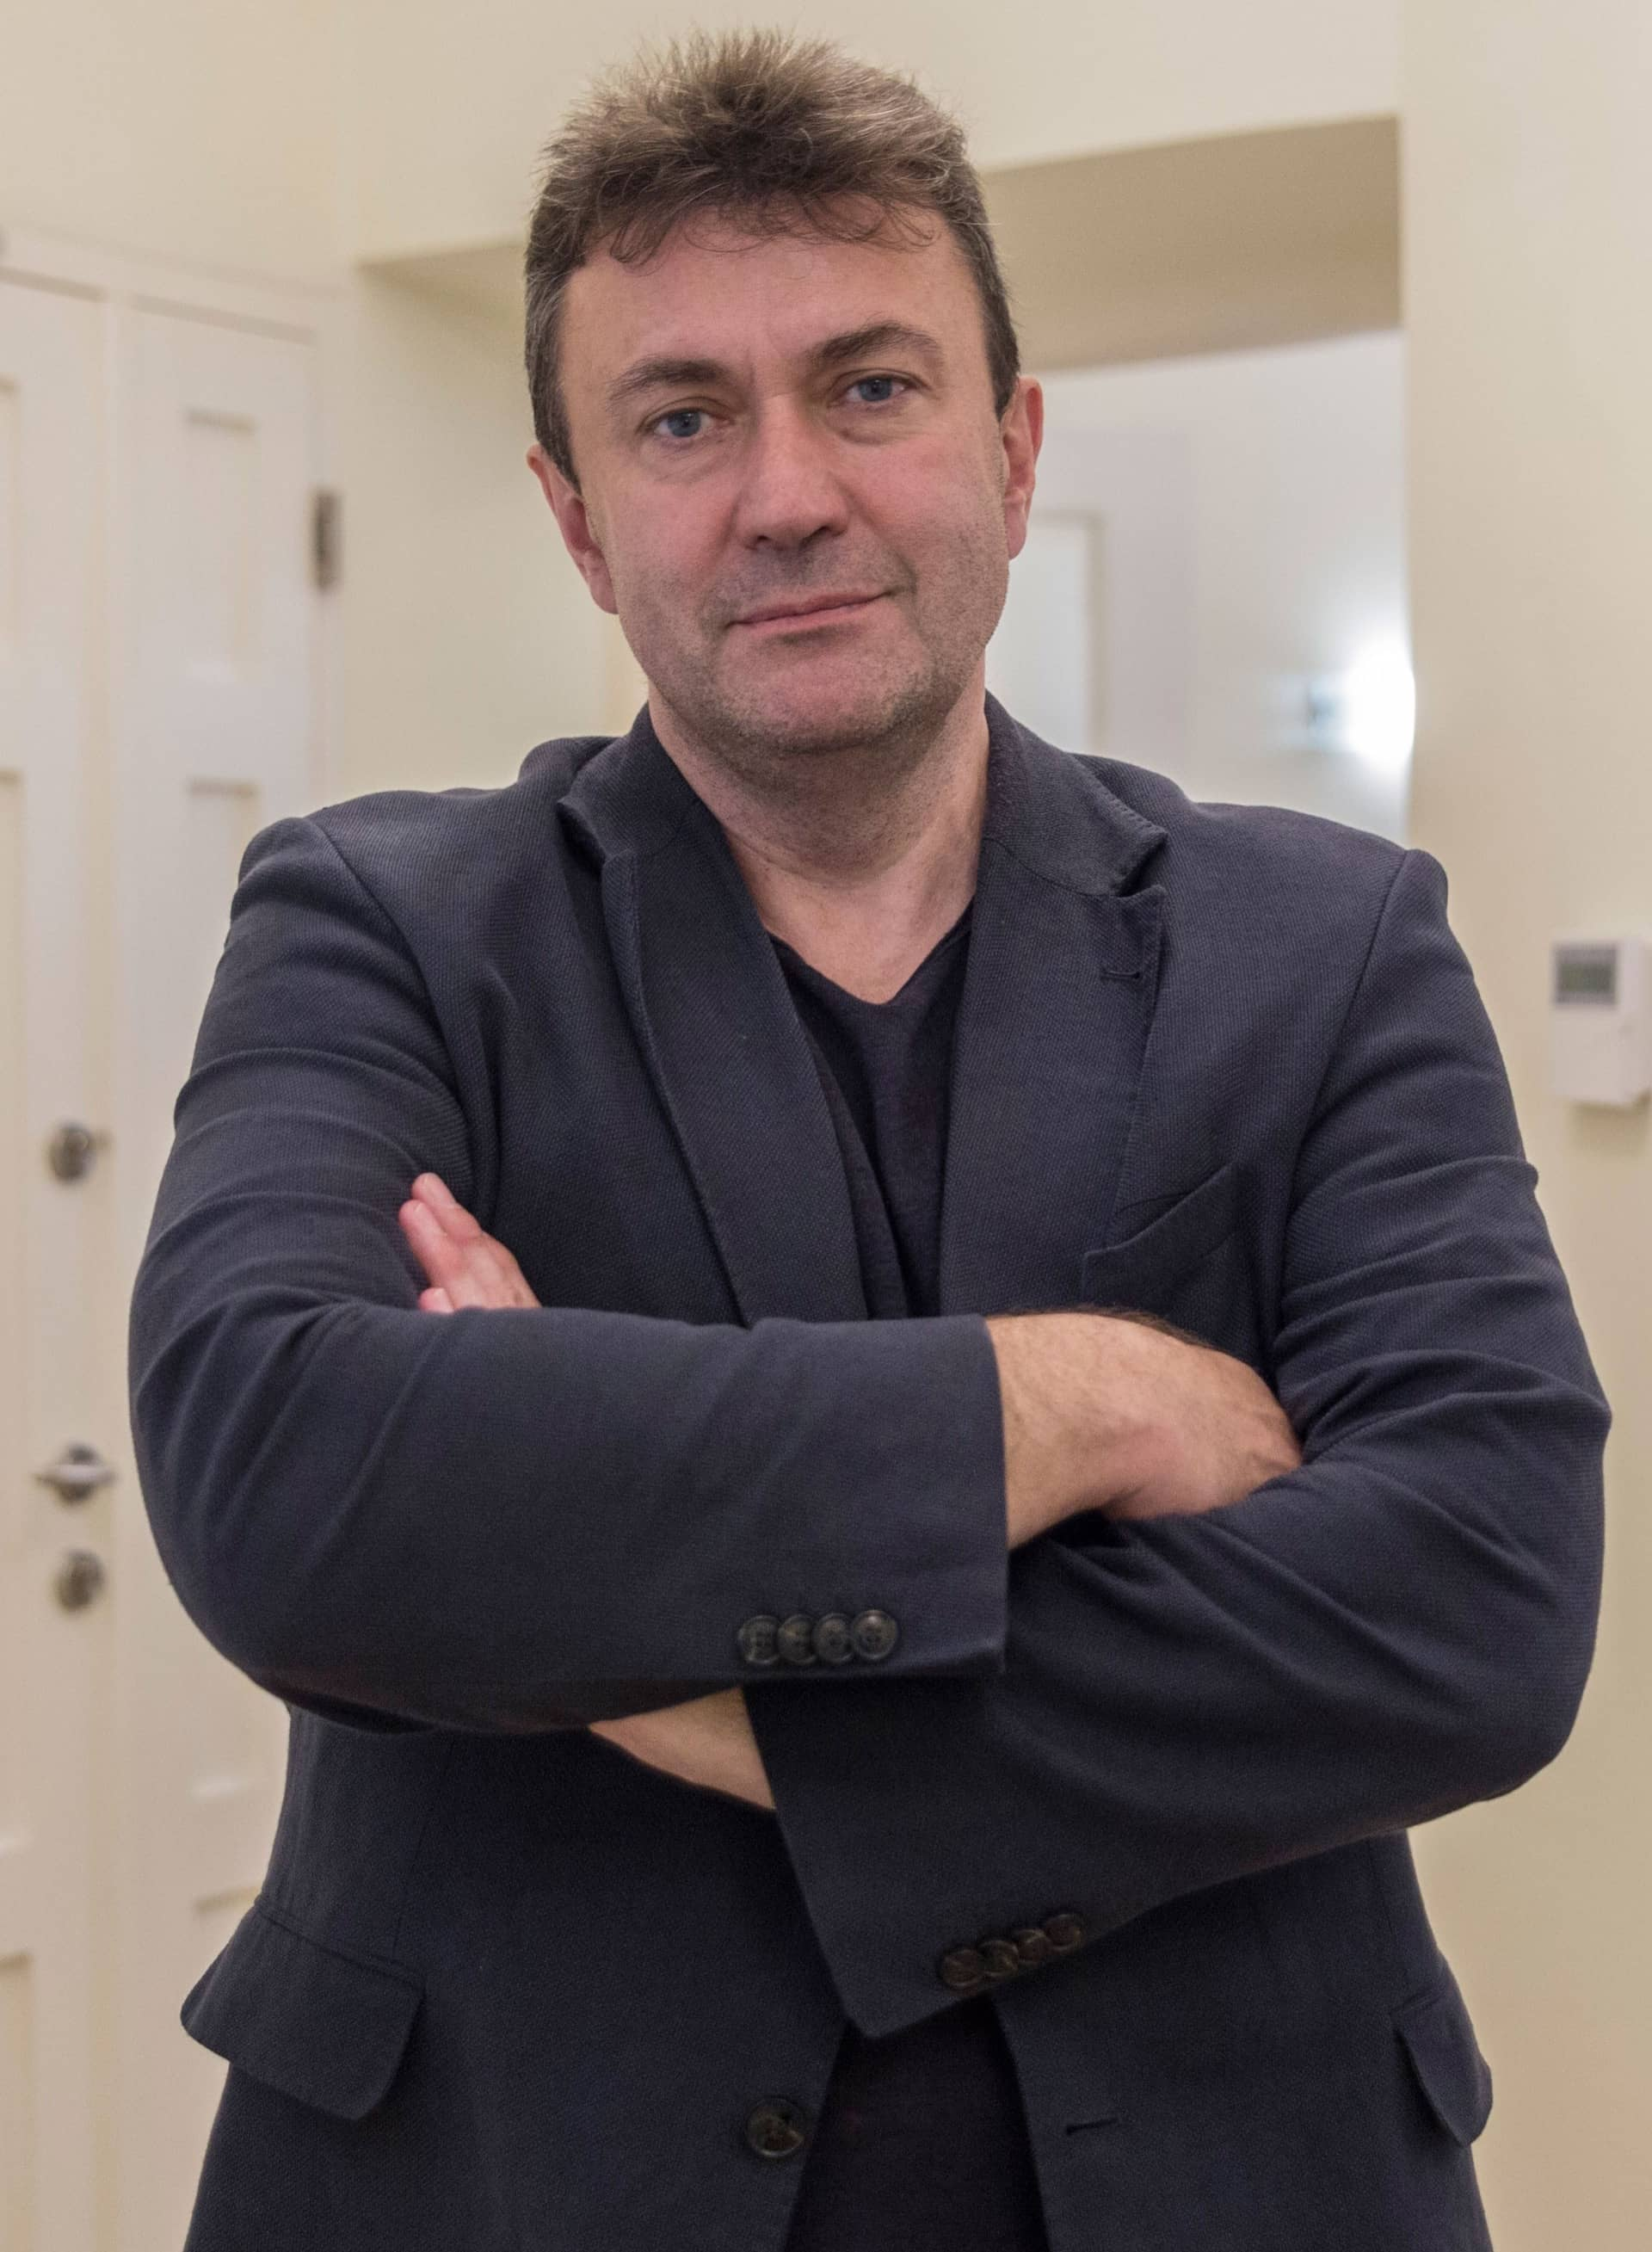 Wojciech Cieślak